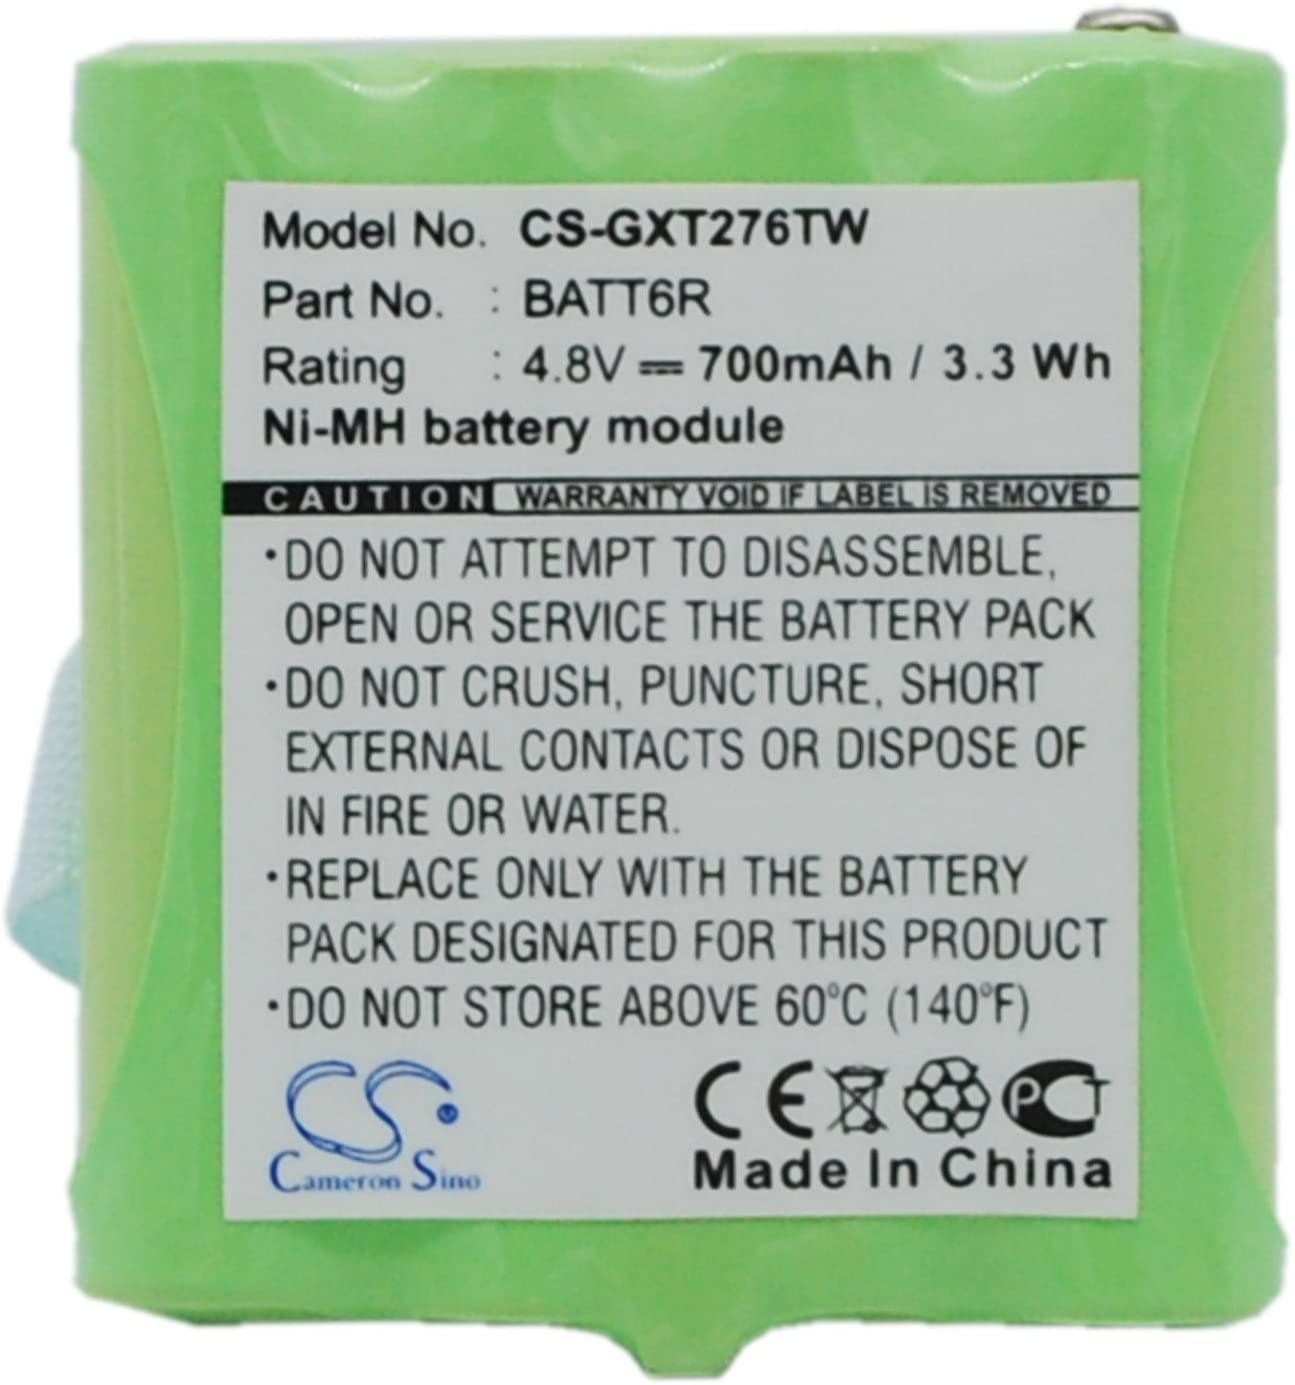 Battery Replacement for Midland BATT6R BATT-6R GXT635 GXT650 GXT661 LXT210 LXT276 LXT314 LXT317 LXT318 LXT319 LXT320 LXT322 LXT323 LXT324 LXT330 LXT335